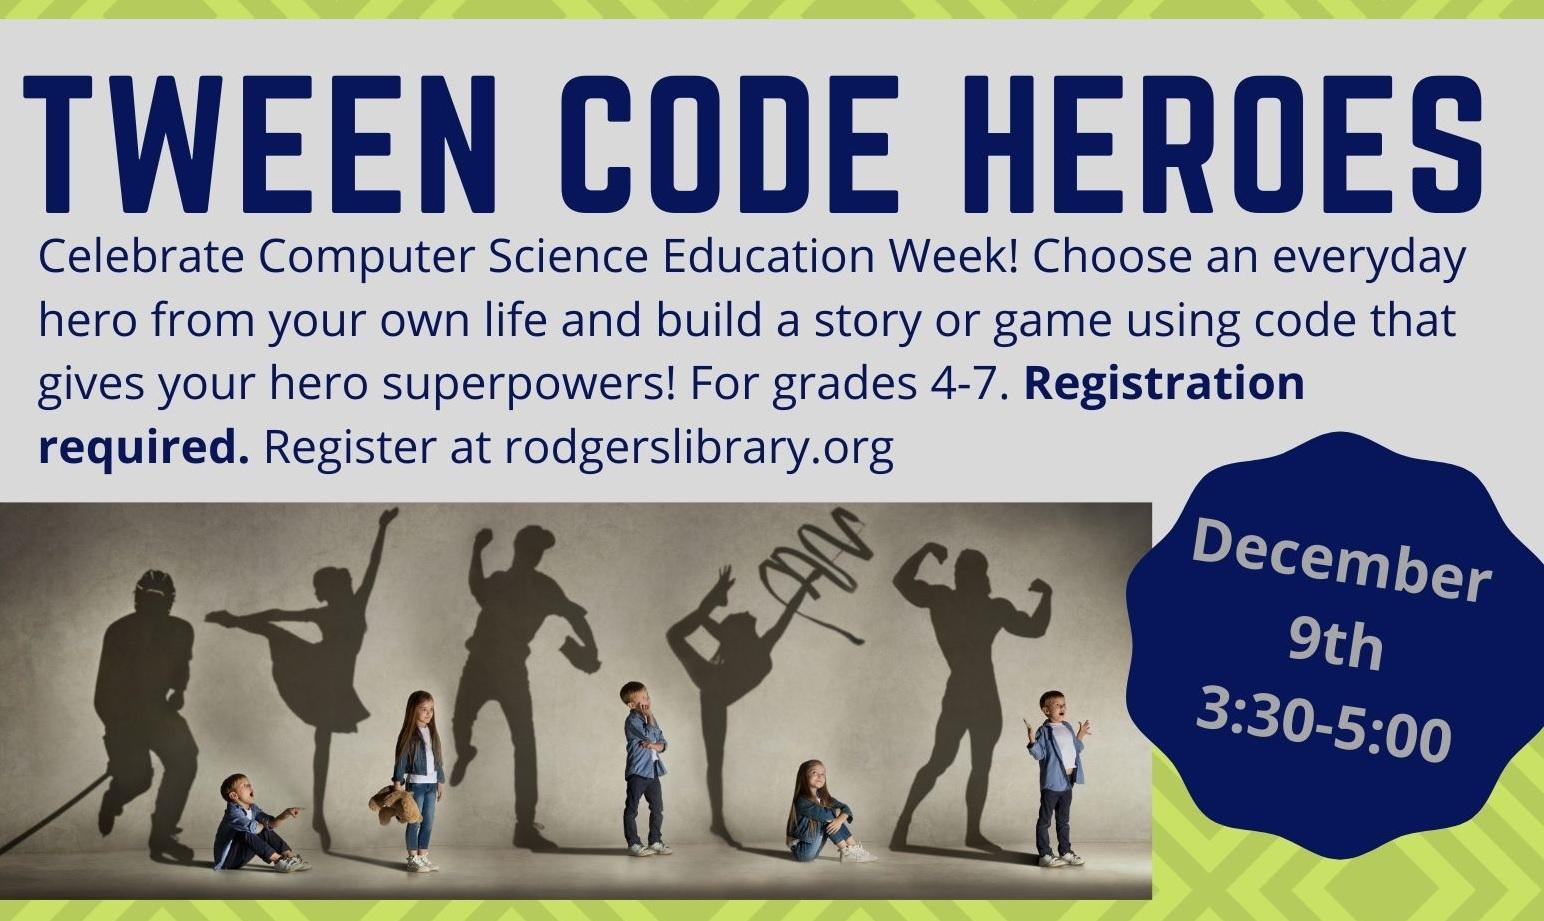 TWEEN Code Heroes